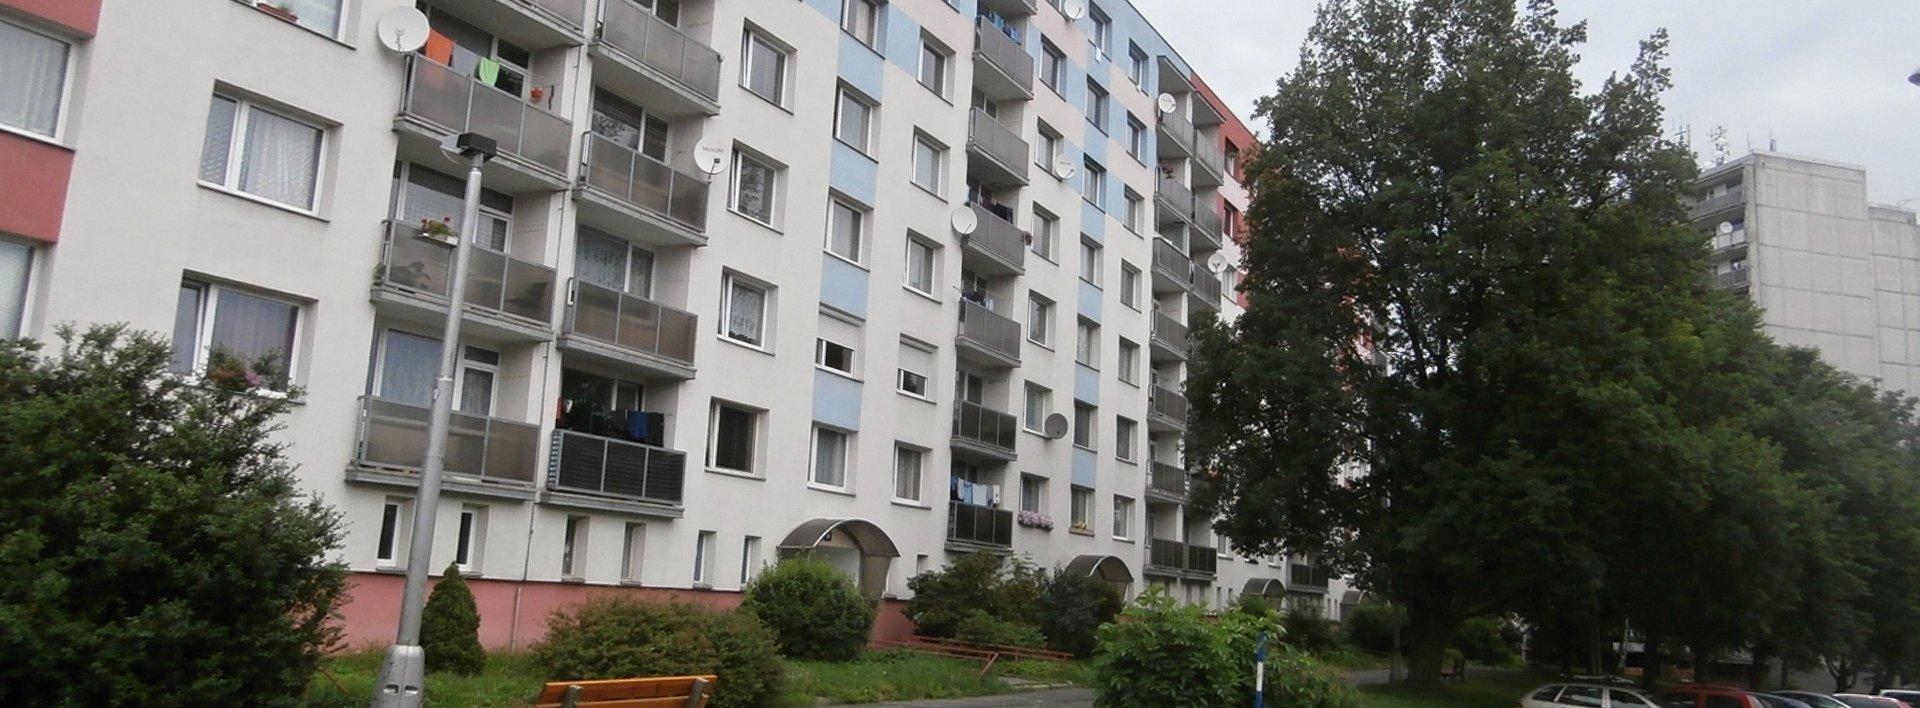 Slunný byt 3+1 s pěkným výhledem, Ev.č.: N48151